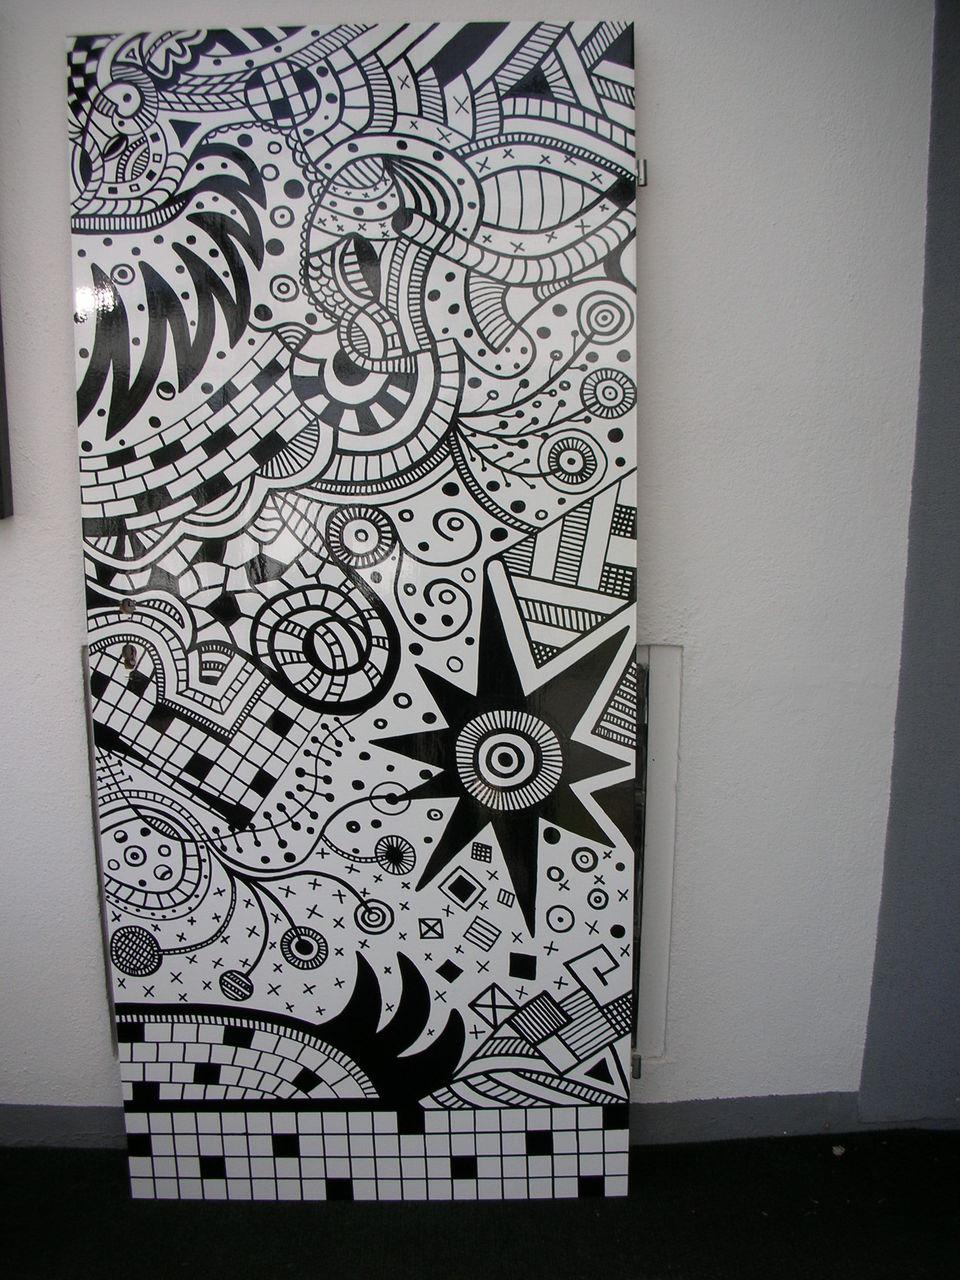 bild schwarz wei edding zeichnungen von g nter klemusch bei kunstnet. Black Bedroom Furniture Sets. Home Design Ideas